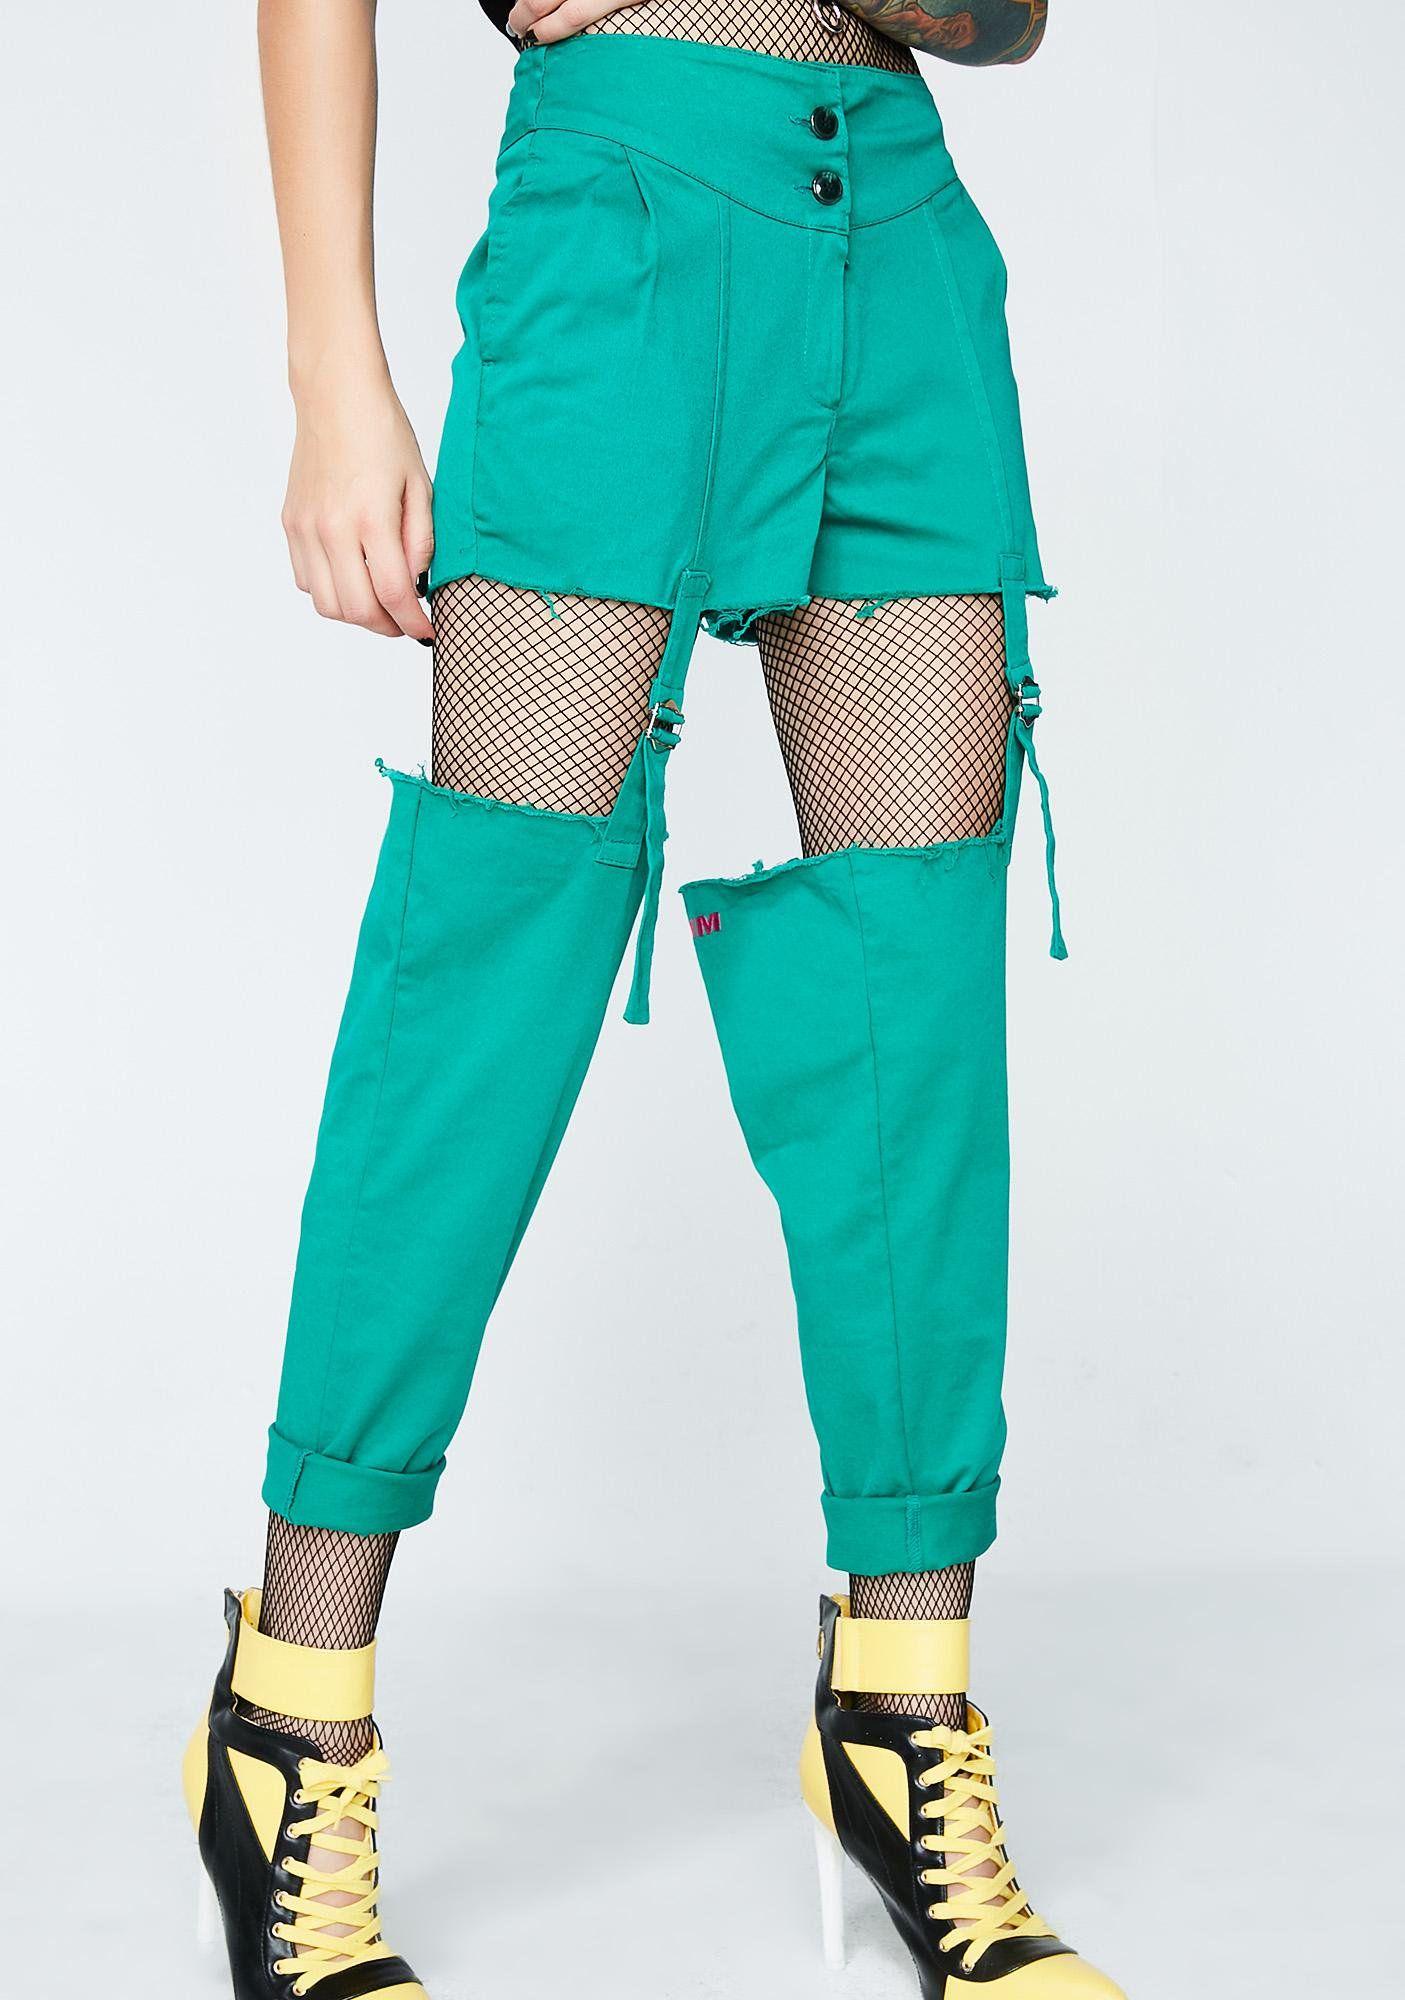 2b65df56a Skoot Garter Belt Pants